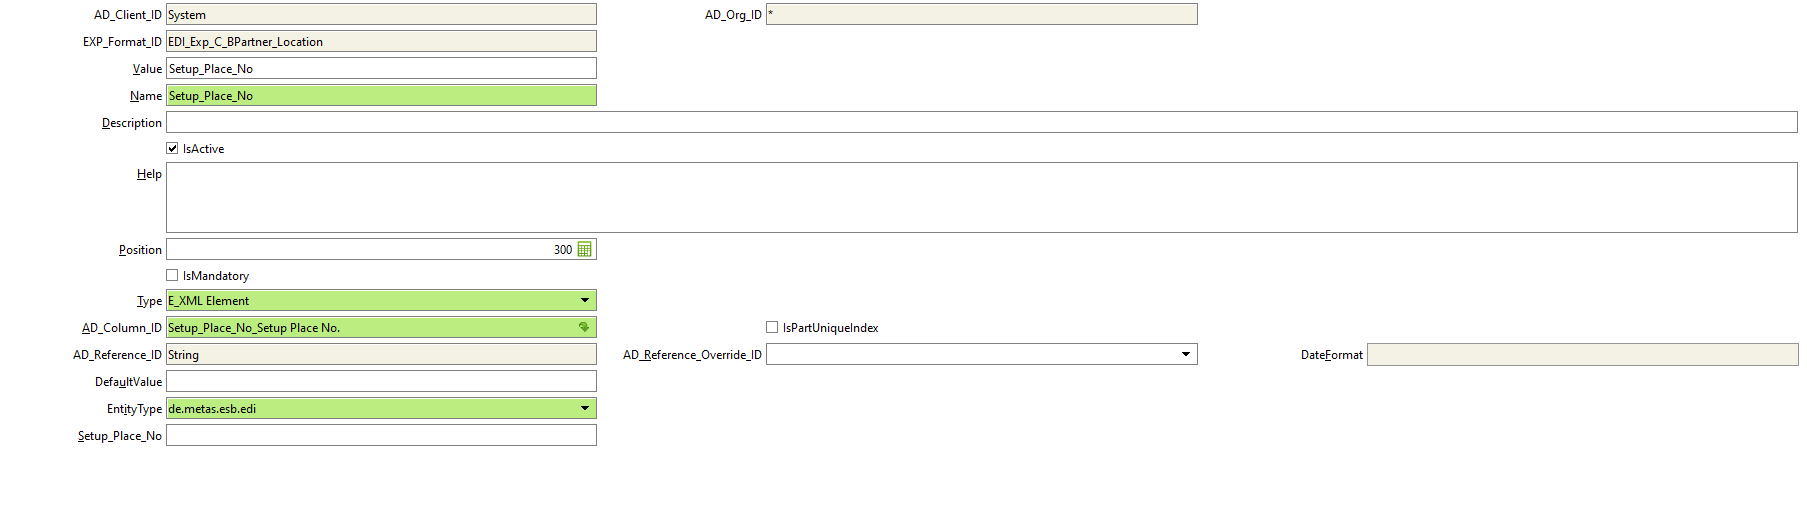 Add export format line